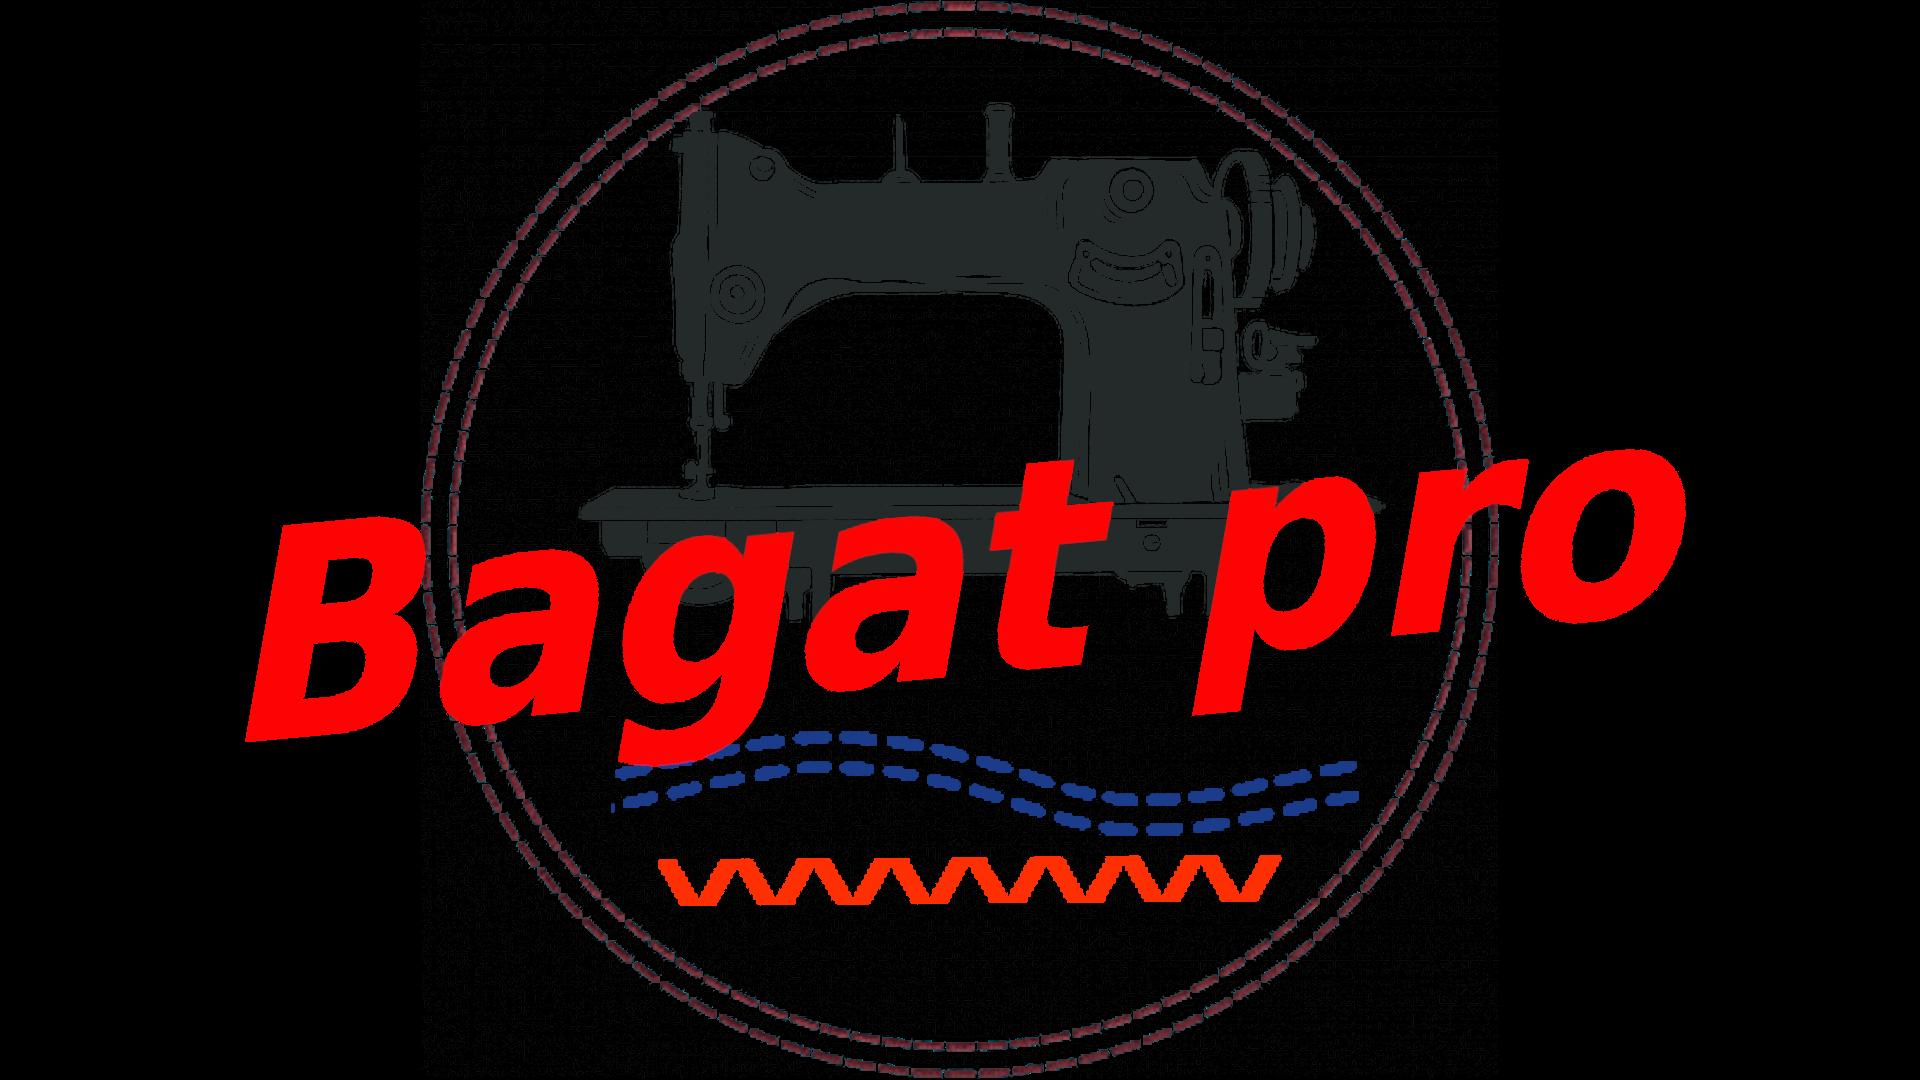 Bagat-pro - Ovlašćeni servis i prodaja novih i polovnih šivaćih mašina, rezervnih delova i opreme